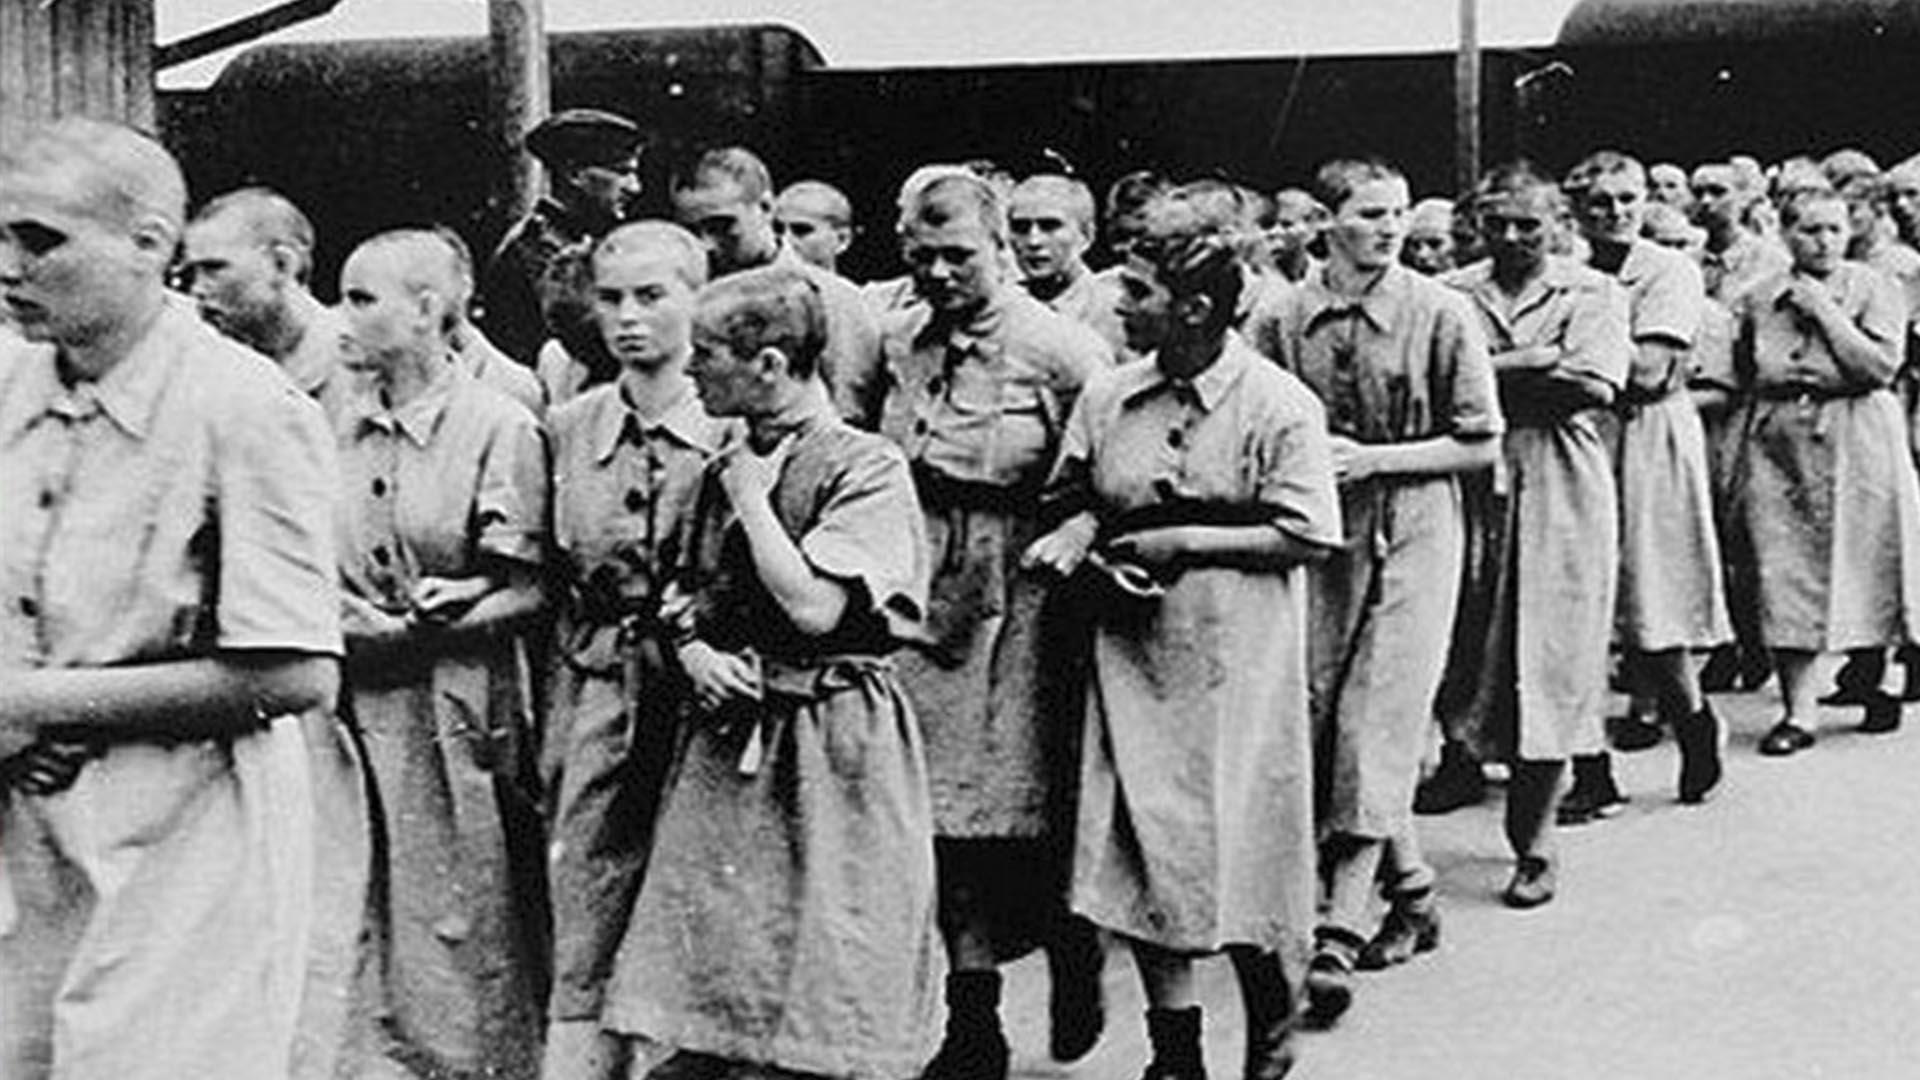 Las prisioneras se desplazan por el campo de concentración. Algunas se toman del brazo. Están desabrigadas y se percibe el frío. Las despojaron hasta del pelo. En los ojos, las miradas perdidas.